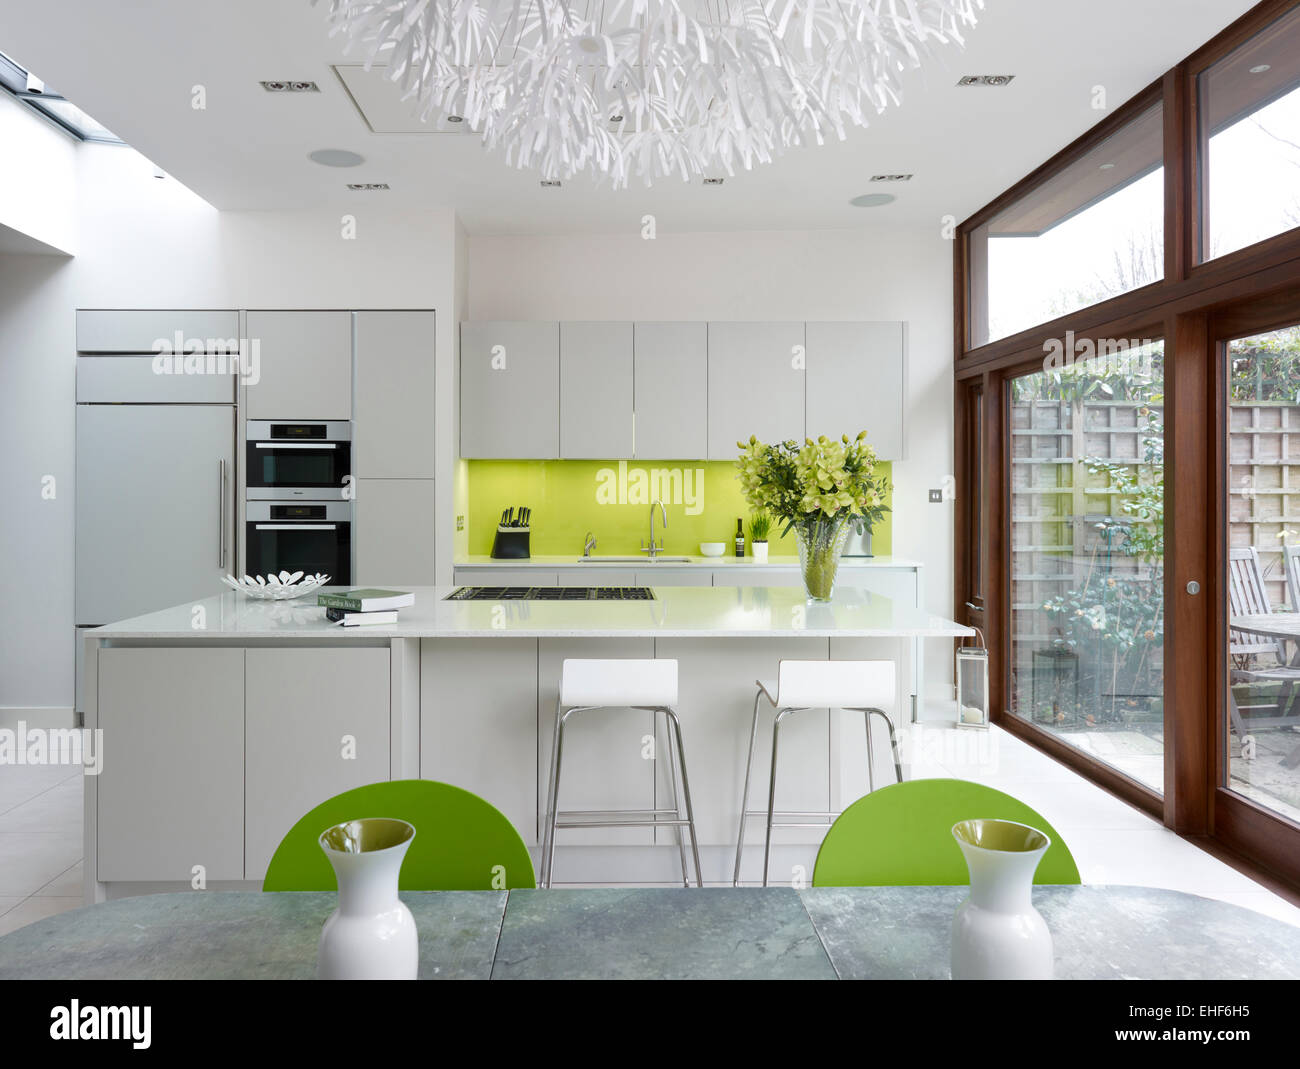 Lime Green Door Stockfotos & Lime Green Door Bilder - Alamy